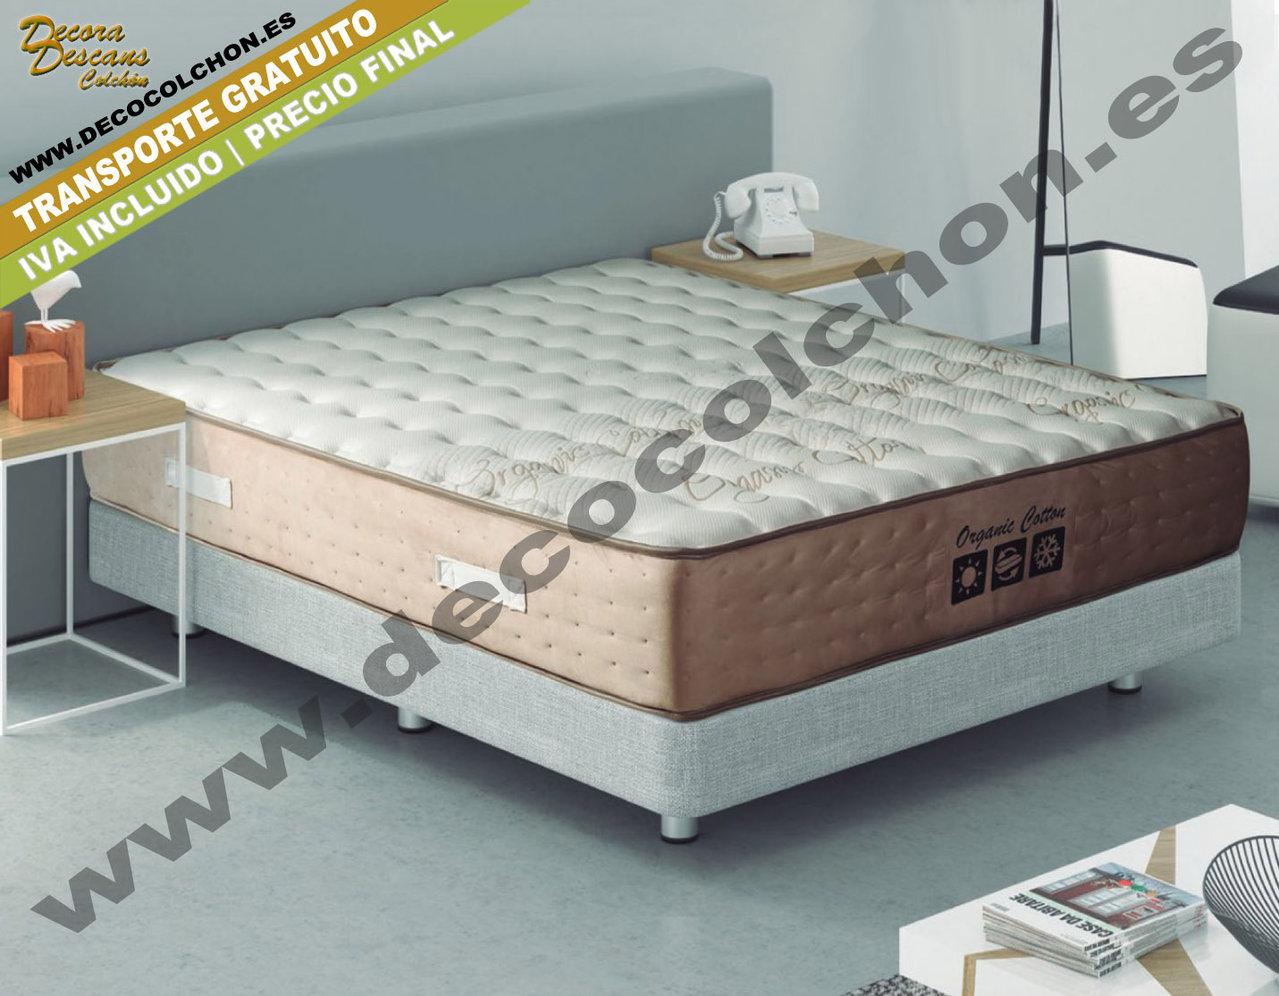 Colchon organic cotton de kassaida sleep dream descanso for Camas 110x200